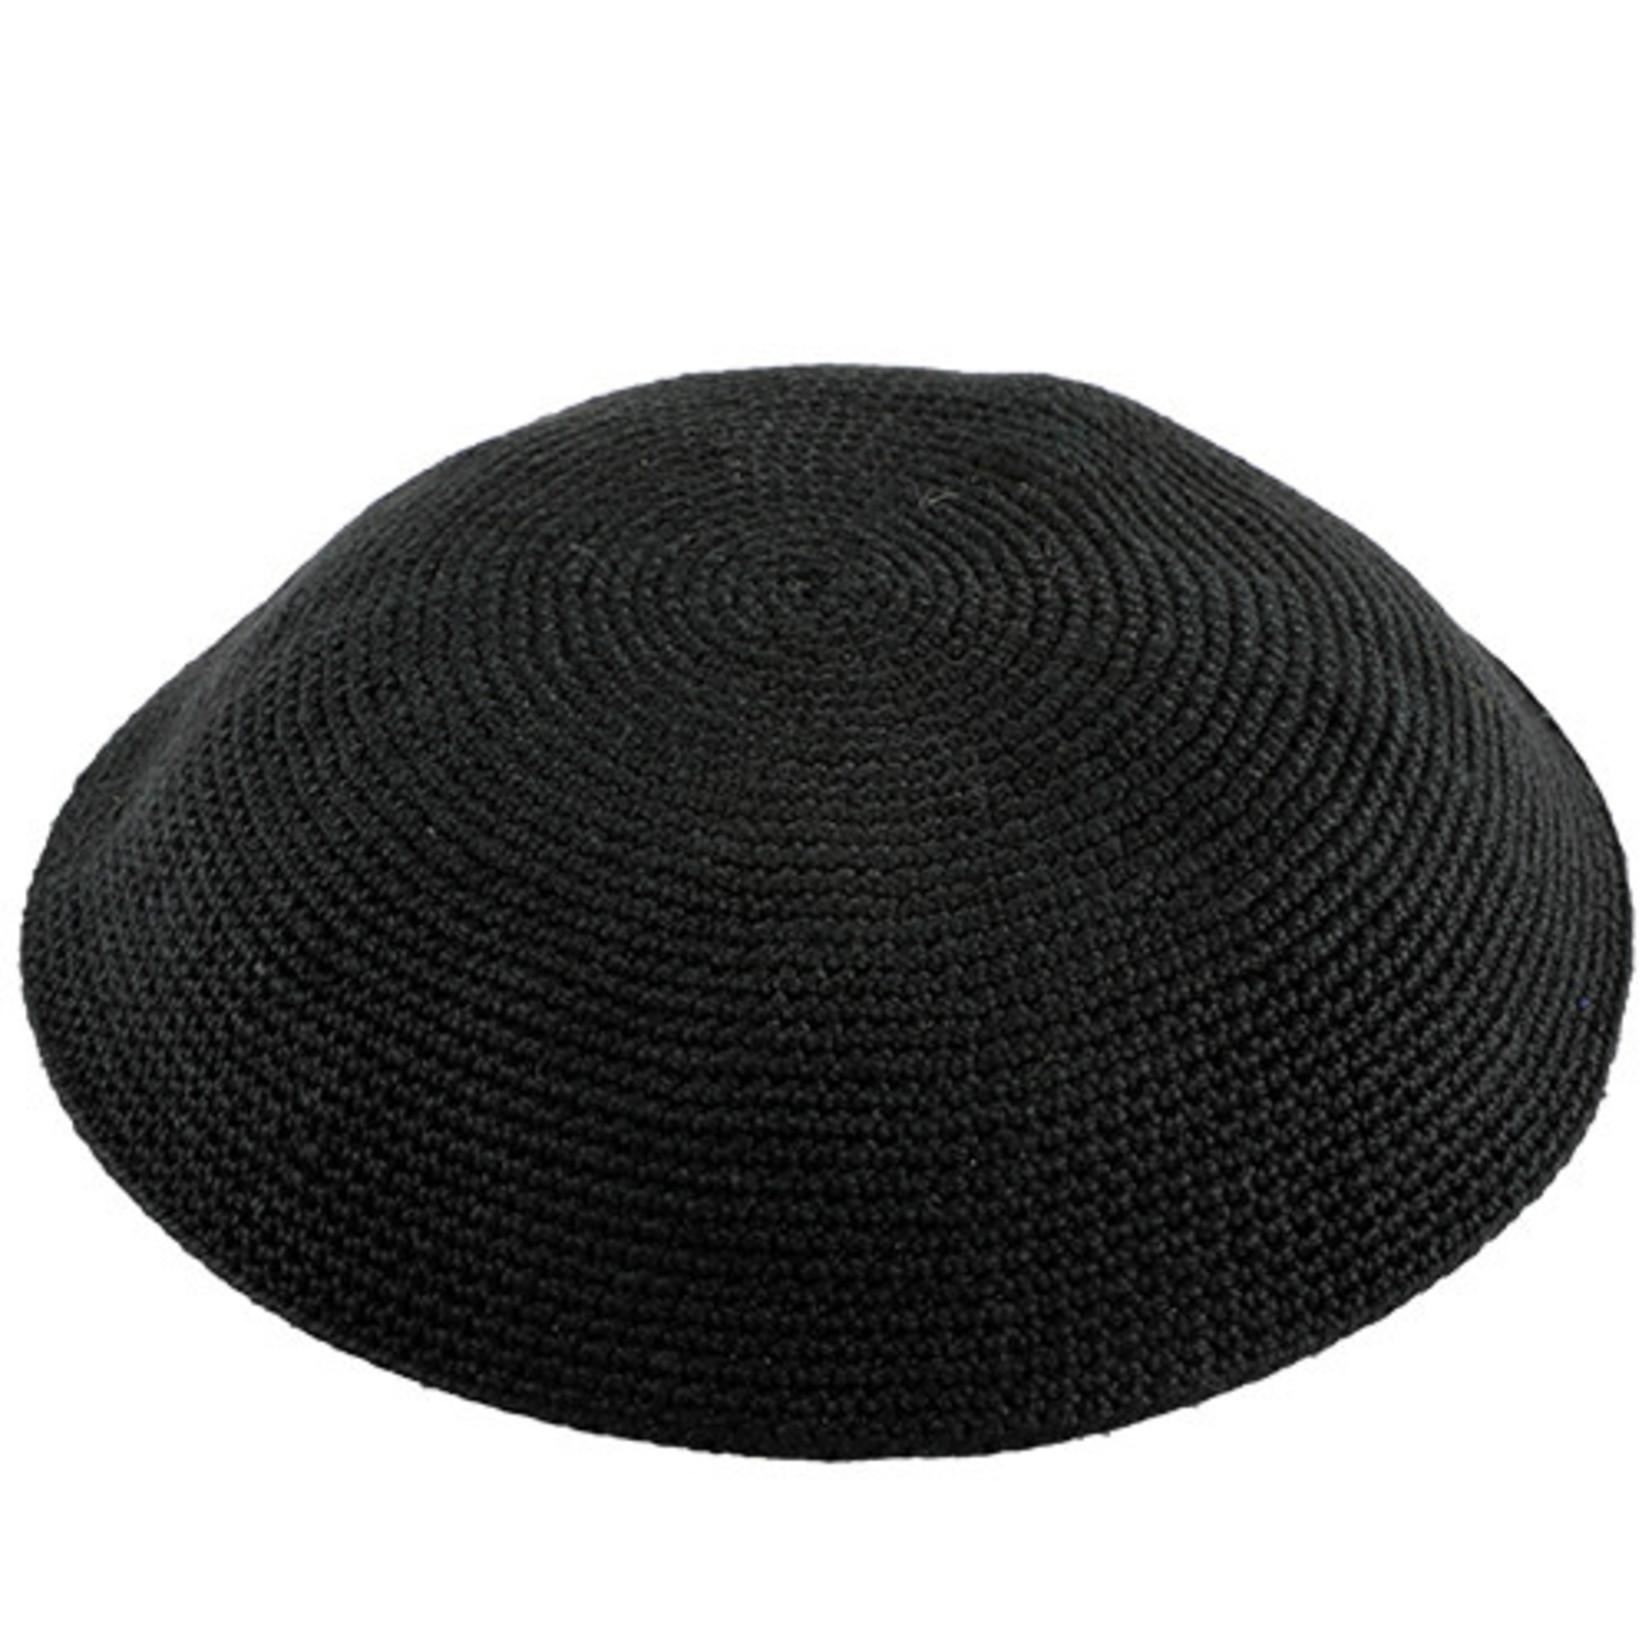 DMC Knit Kippah, Black, 12cm